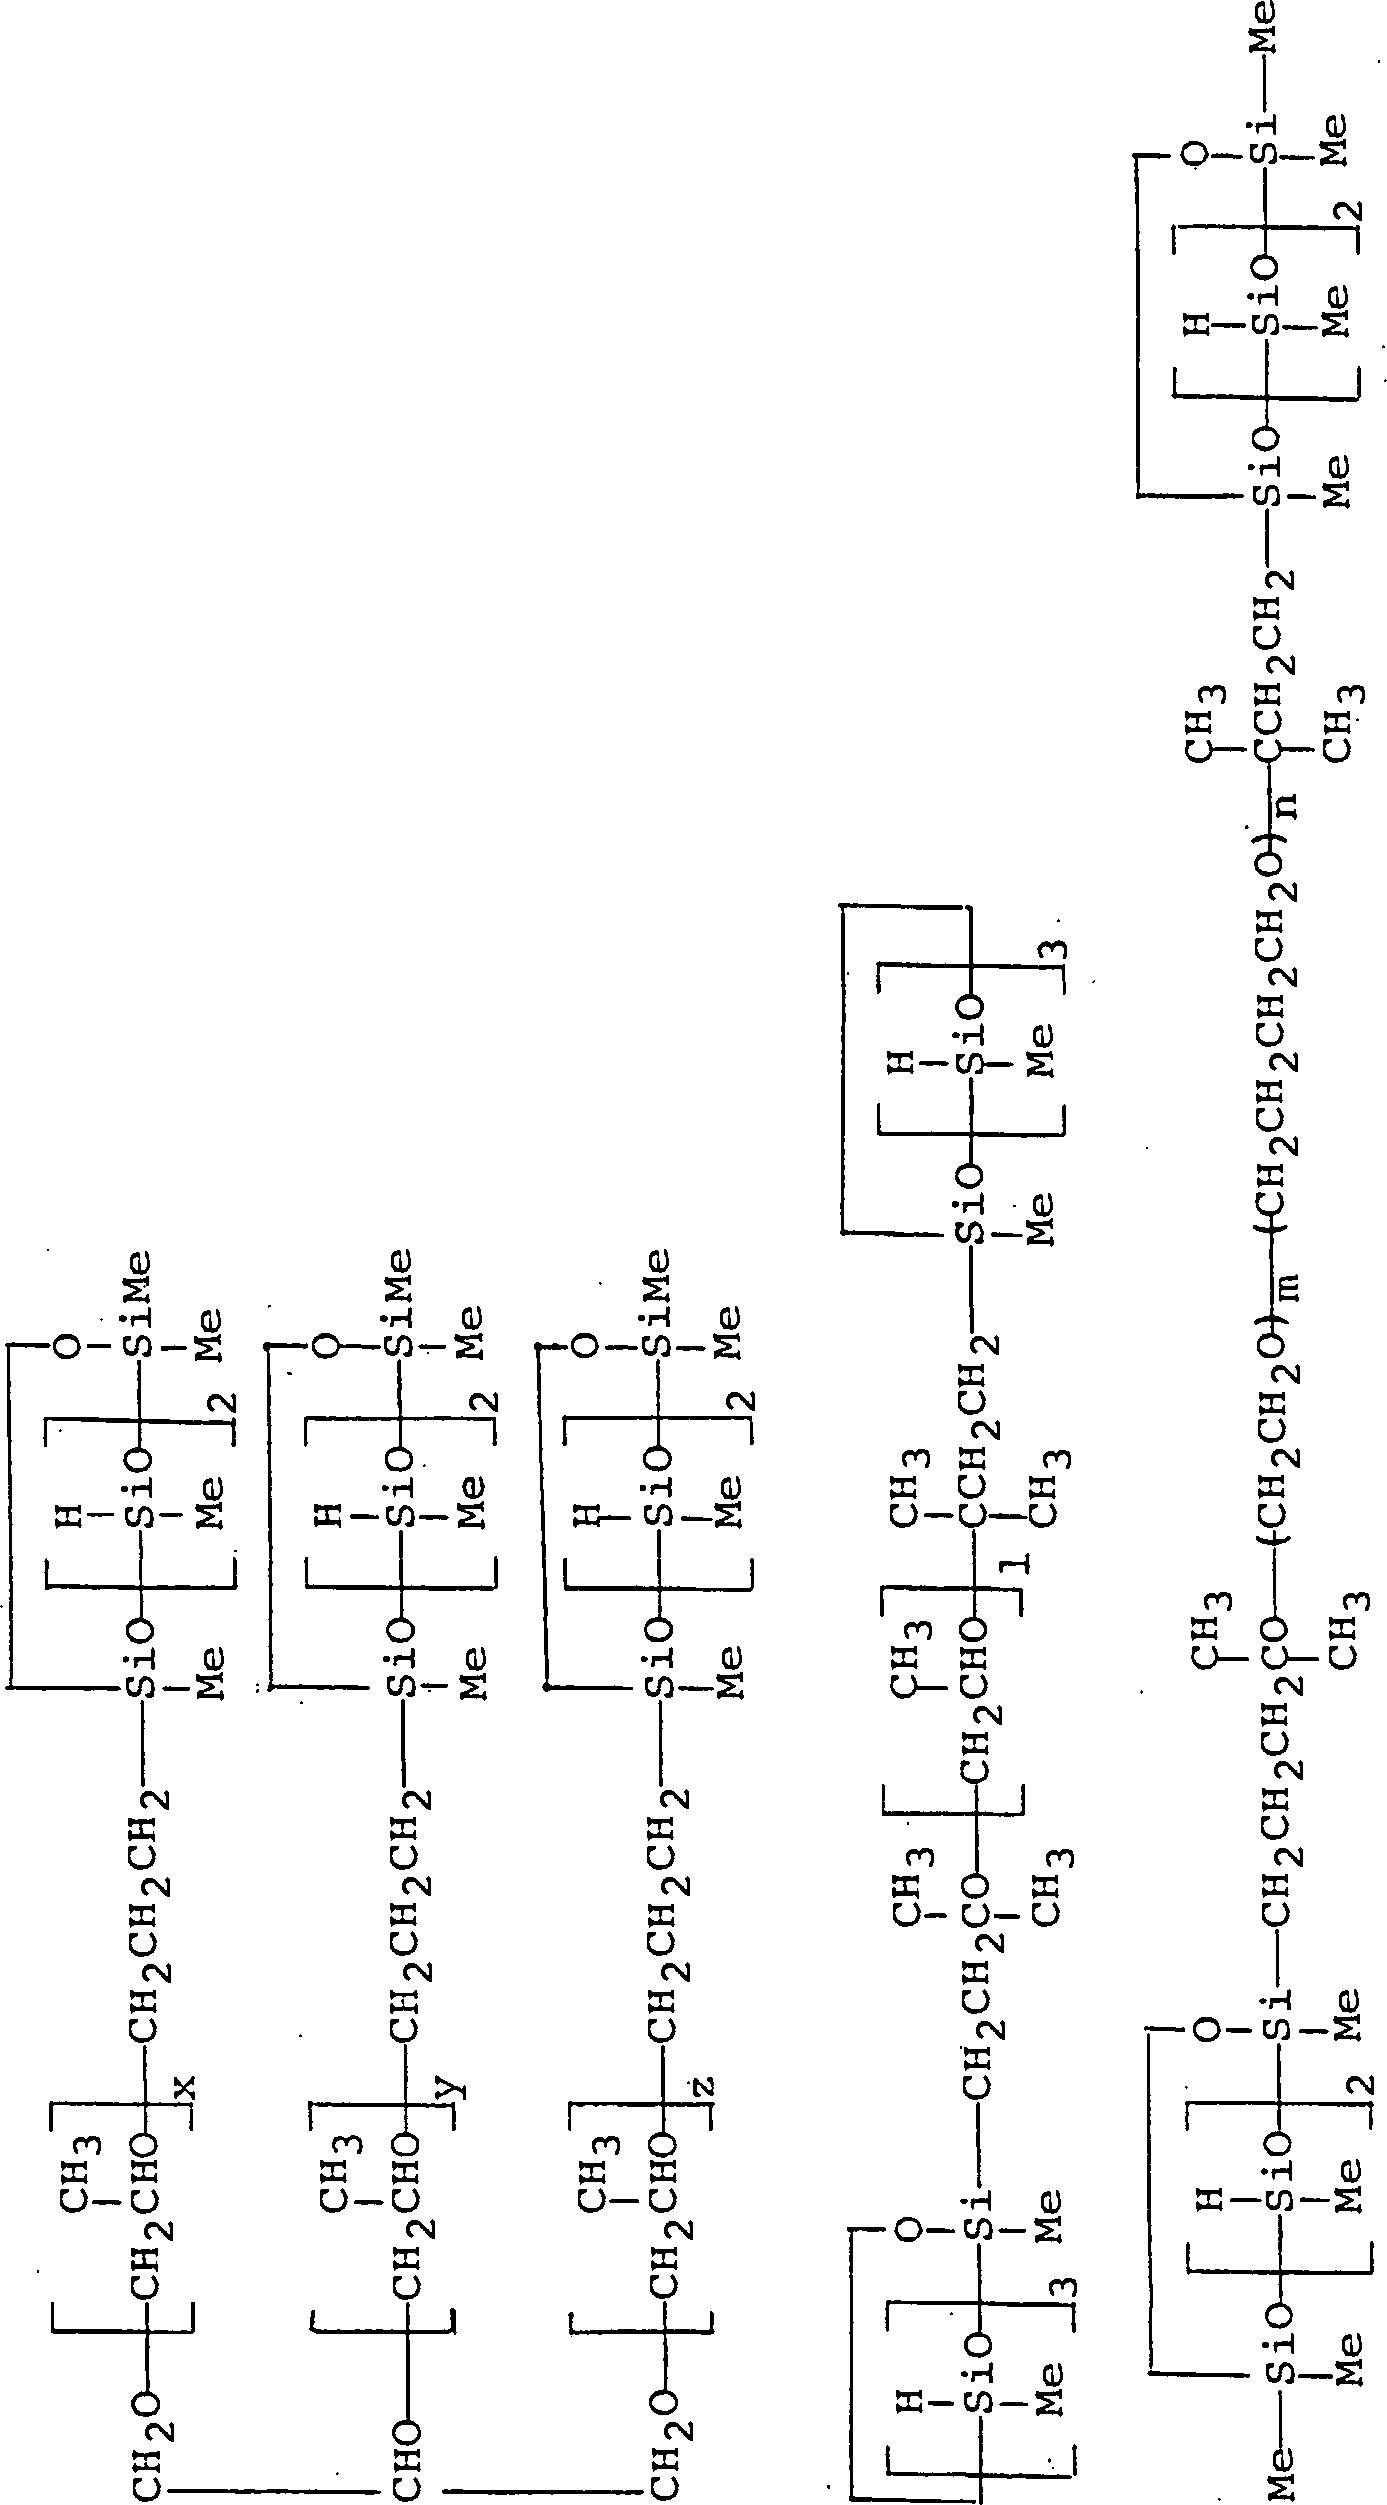 Figure DE000019719438C5_0014